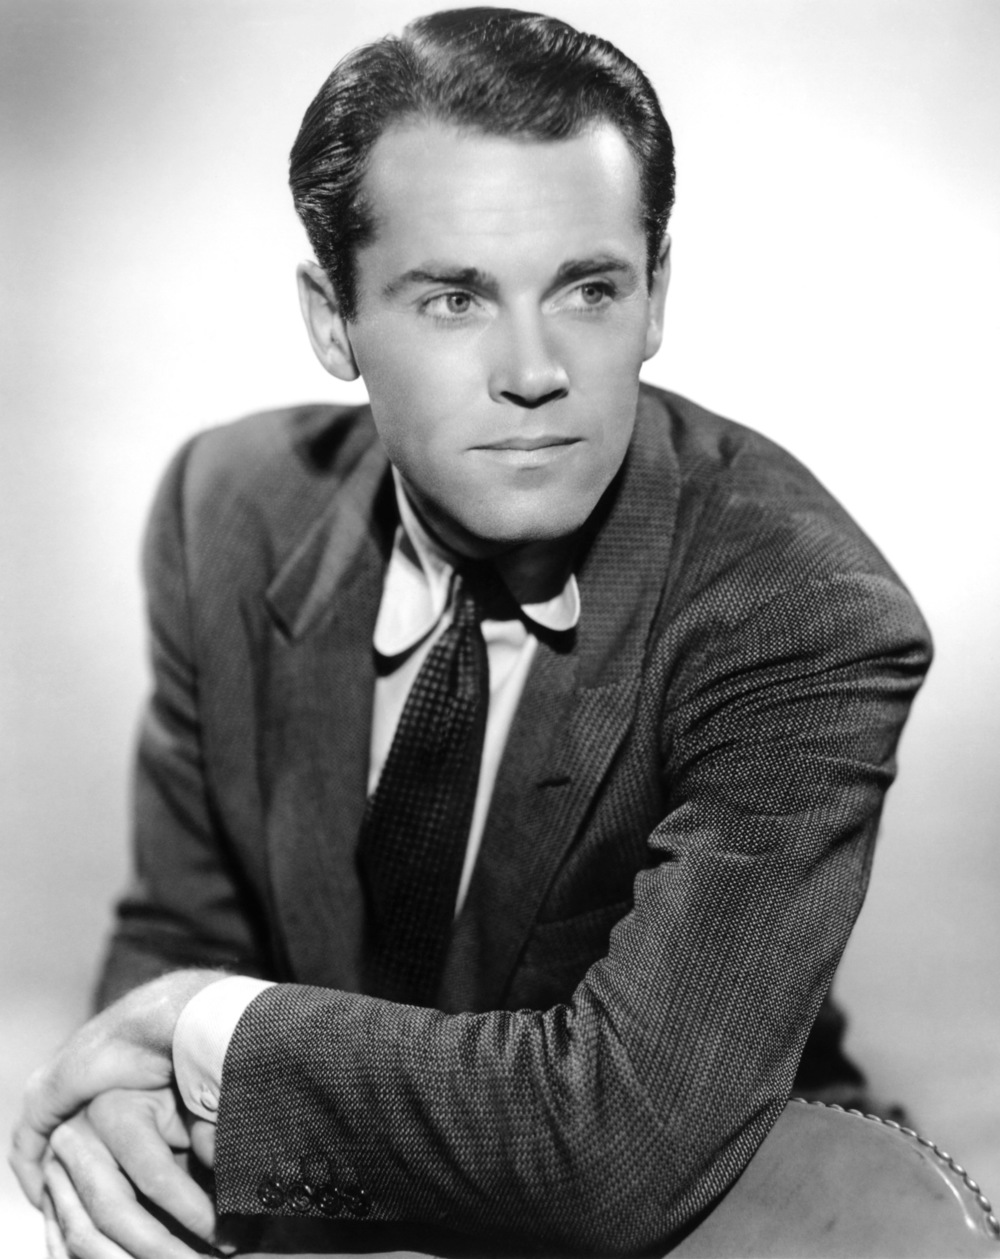 Não é muito seguido que podemos afirmar aqui que um mito está de aniversário. Hoje é um desses dias. Henry Fonda (falecido há 32 anos) é daqueles atores que todo mundo reverencia, todo mundo concorda ser um dos maiores da história. Mais do que Jack Nicholson, Robert Deniro ou Al Pacino, Fonda está ao lado de gente como James Stewart eHumphrey Bogart. E como qualquer um desses nomes aí citados, Henry Fonda foi também um ícone do estilo masculino. Um verdadeiro monstro, que hoje completaria 109 anos de vida.